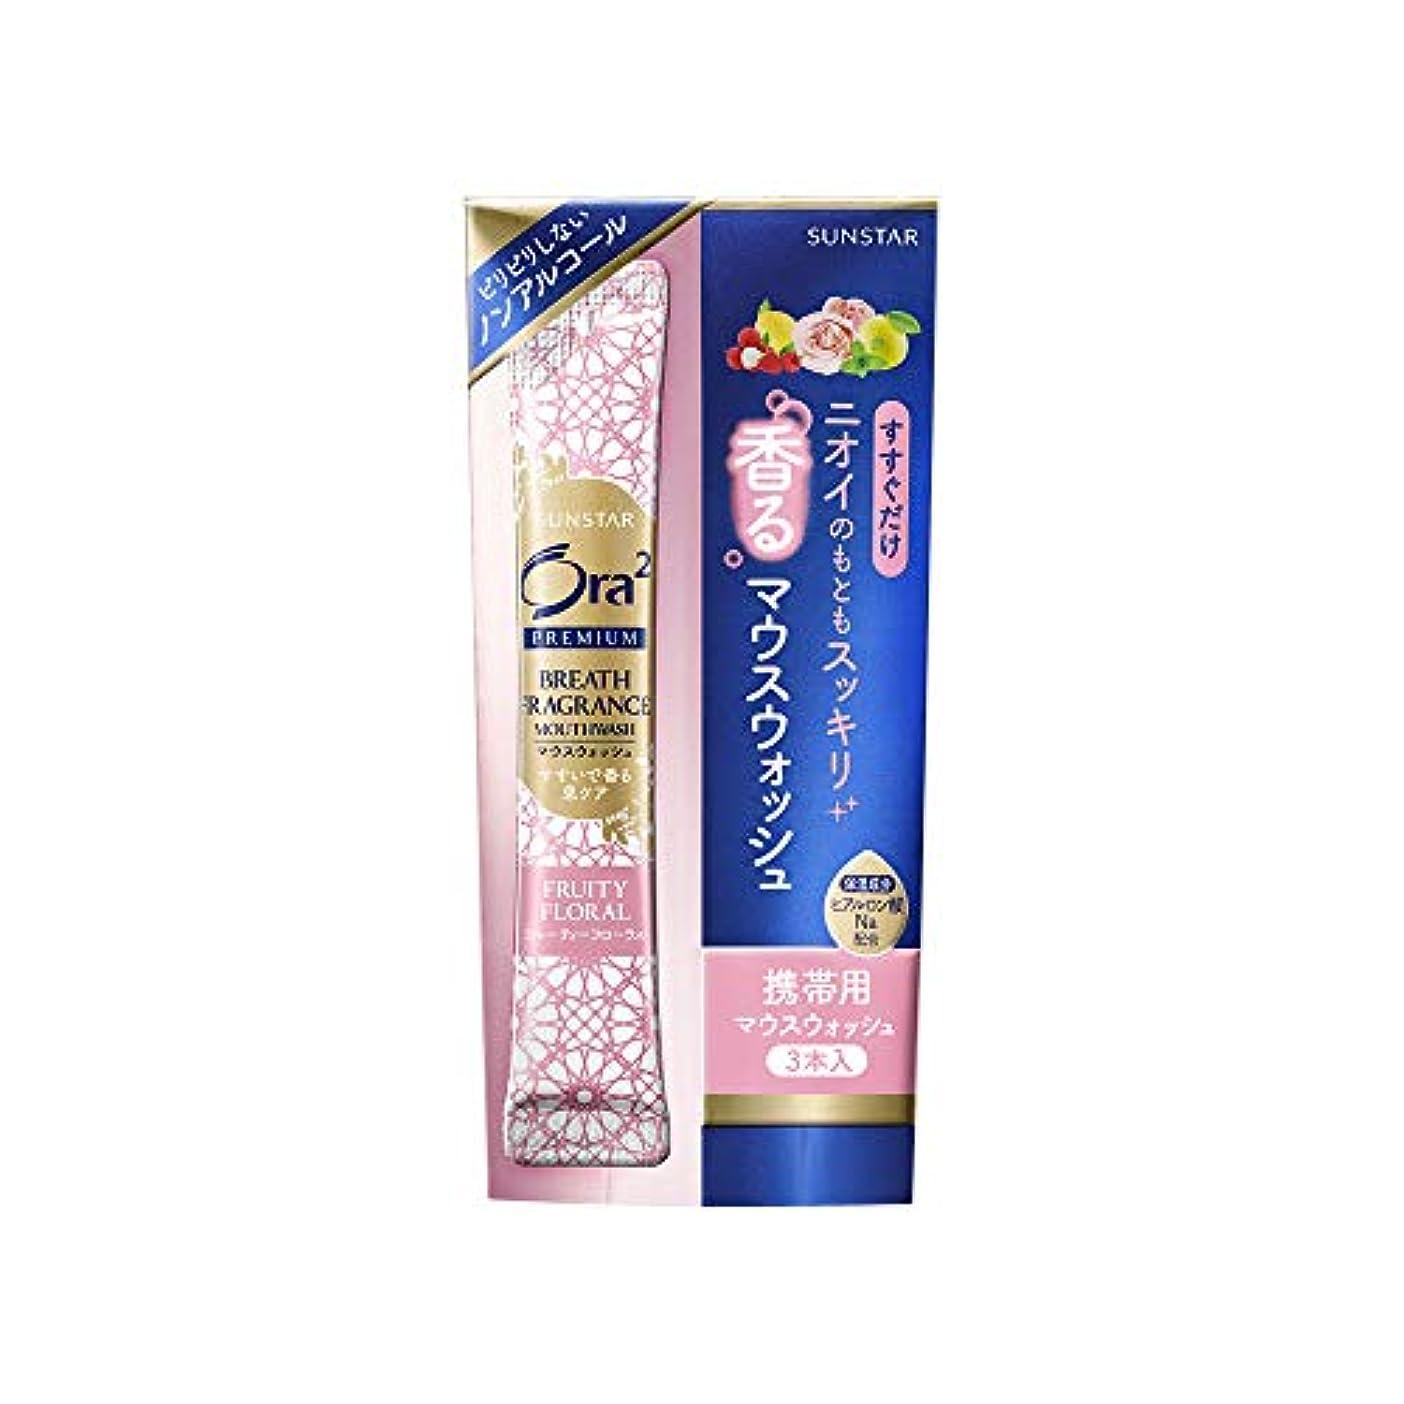 ホップ提供小石Ora2(オーラツー) プレミアム マウスウォッシュ ブレスフレグランス 洗口液 [フルーティーフローラル] トラベル用